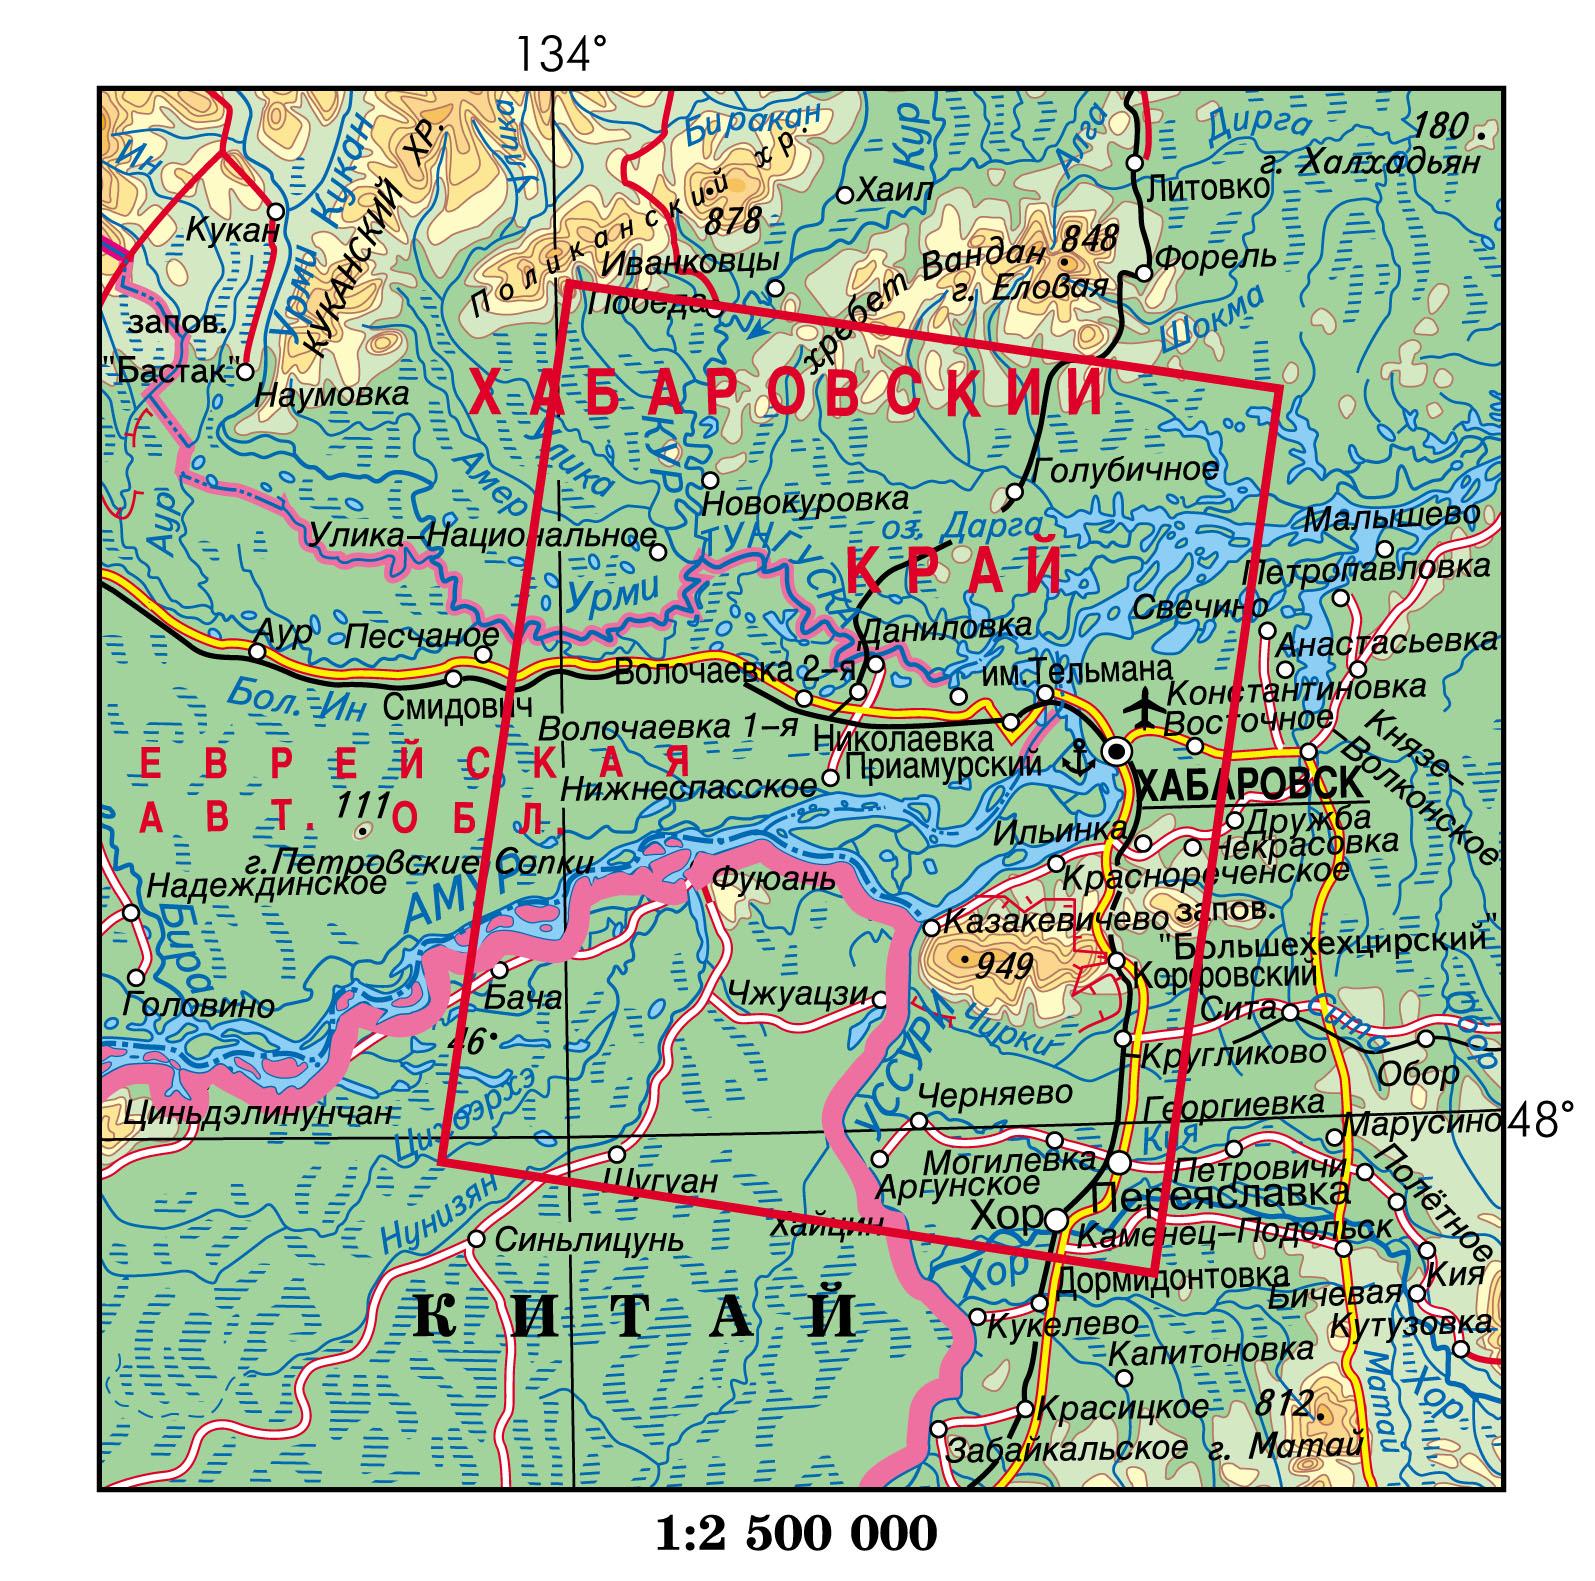 Магнитагорская хабаровск на карте